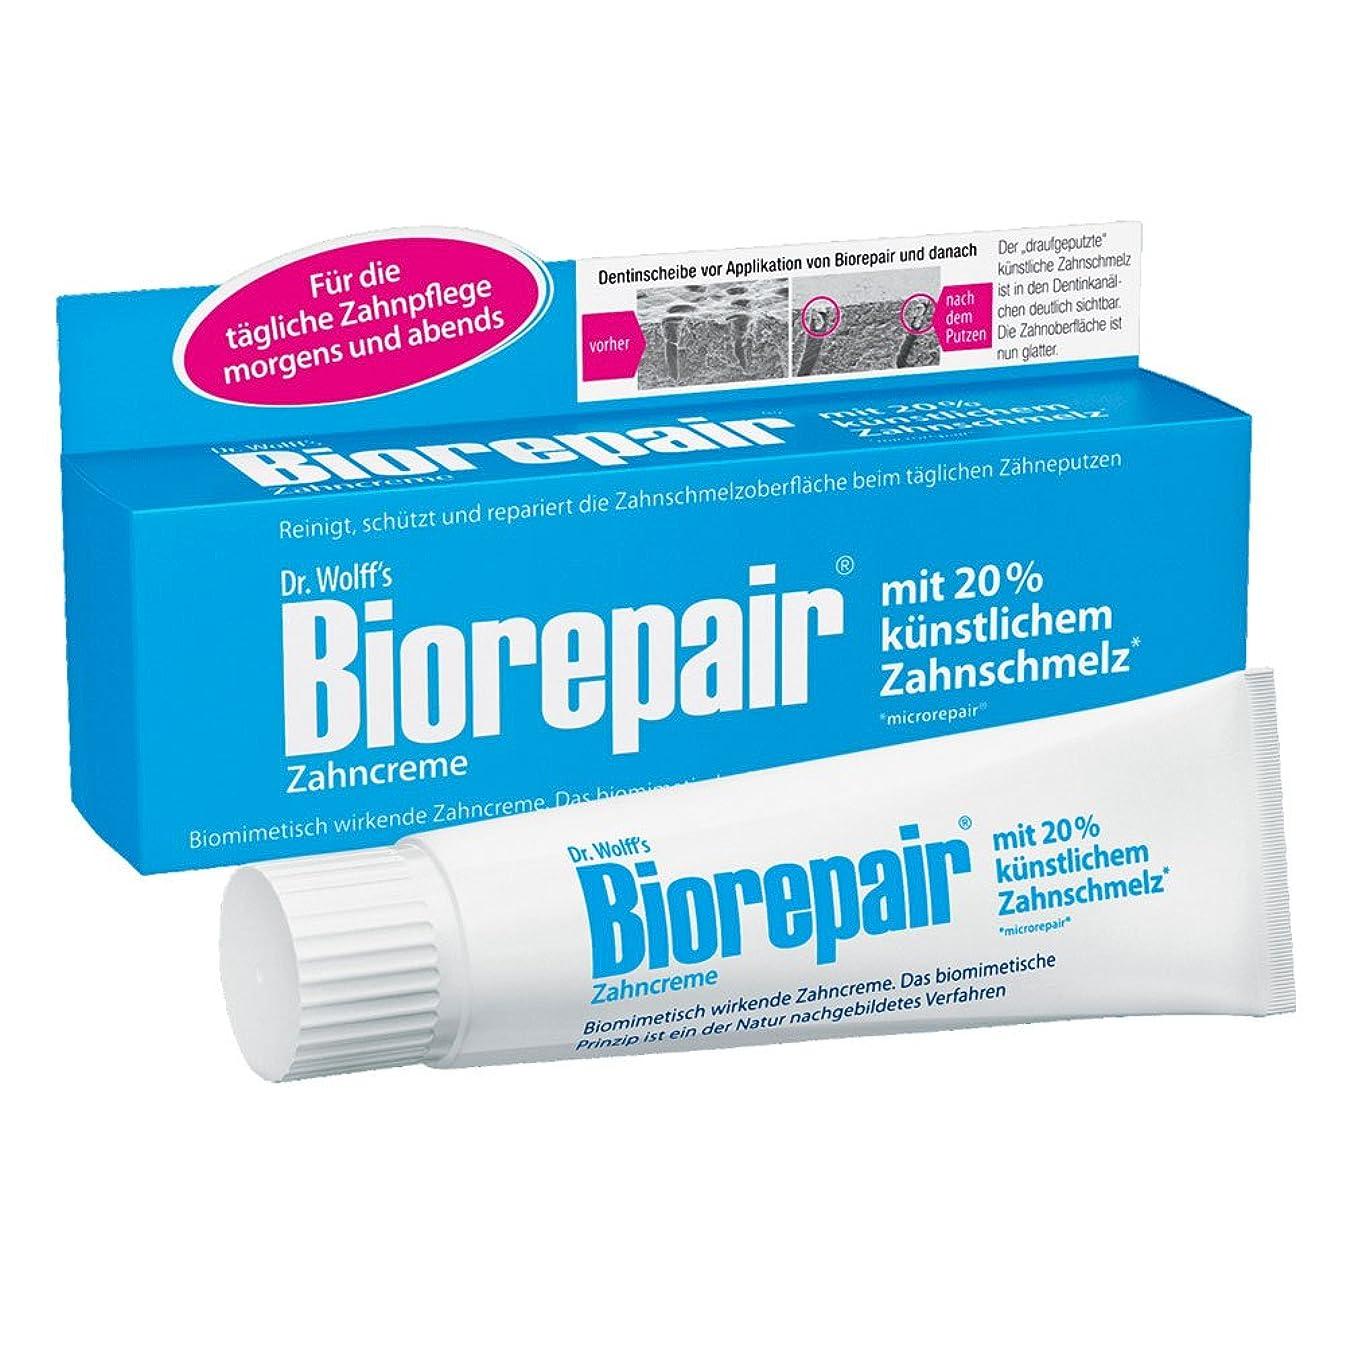 成り立つ筋肉のポゴスティックジャンプBiorepair 歯磨き粉オリジナル、75ml(1pack) 歯の保護 耐摩耗性 1pack [並行輸入品]